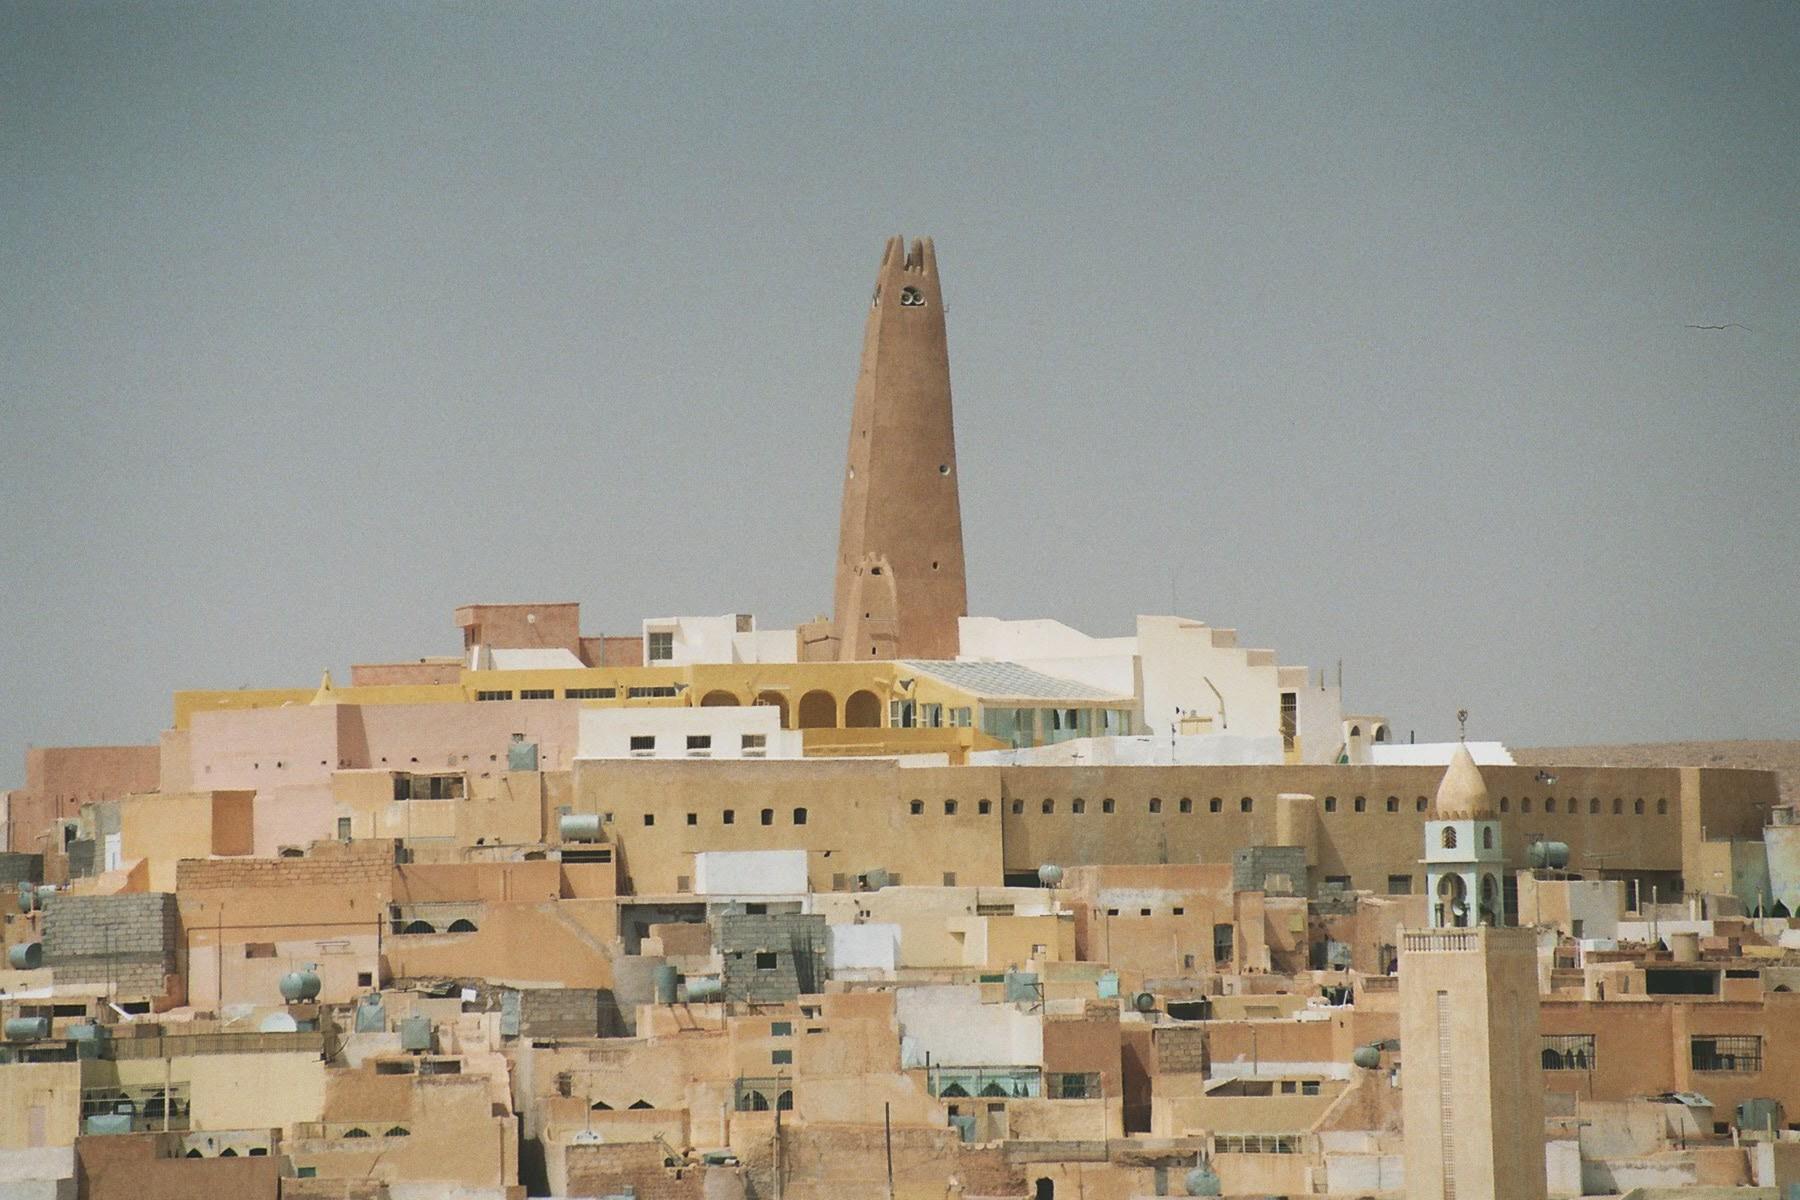 Vue sur le ksar de Ghardaïa, photo M. Cheikhab